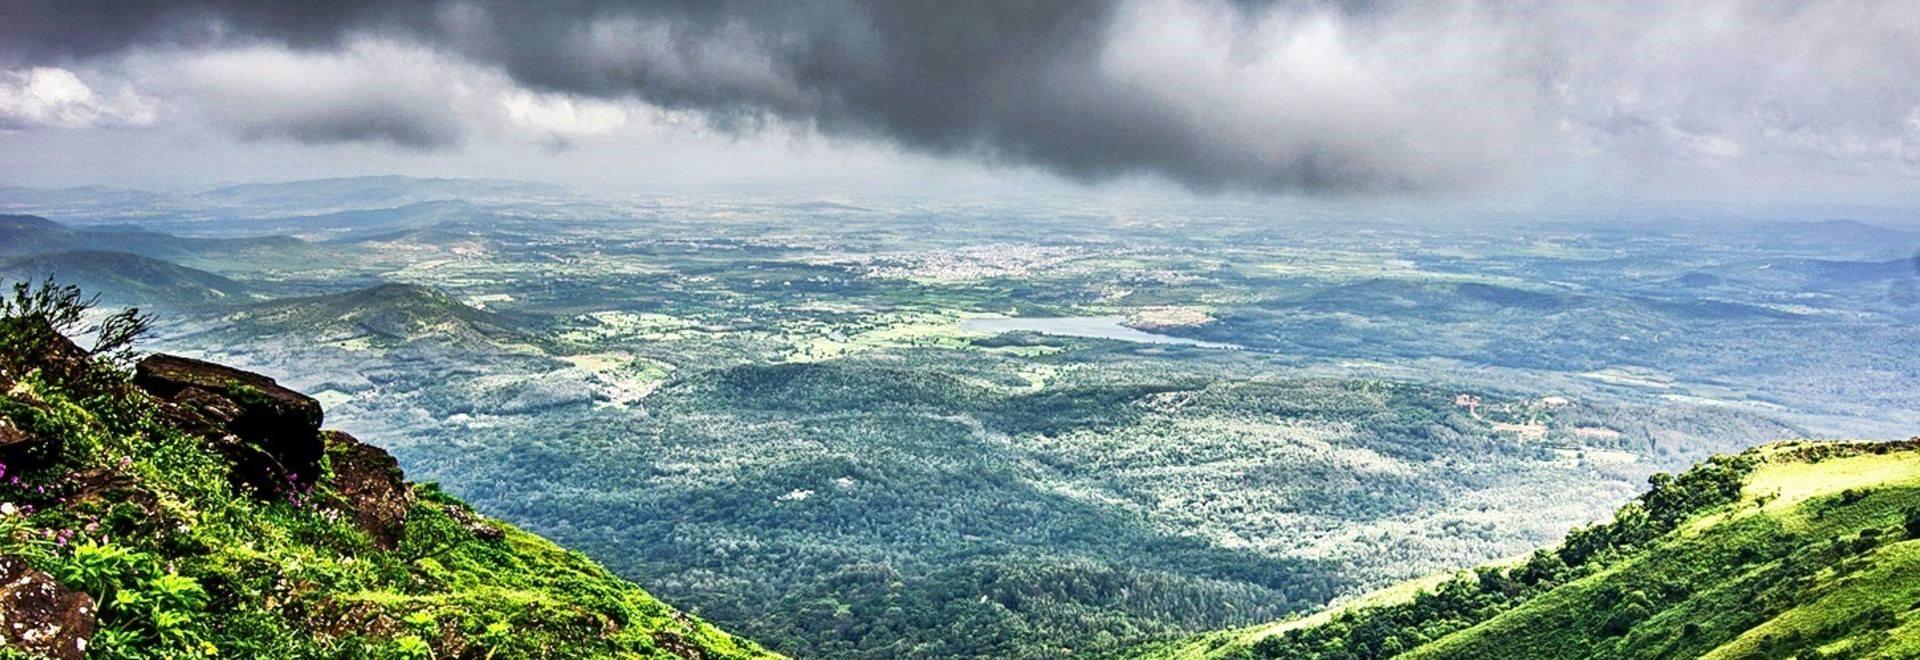 Magnificent Chikmagalur